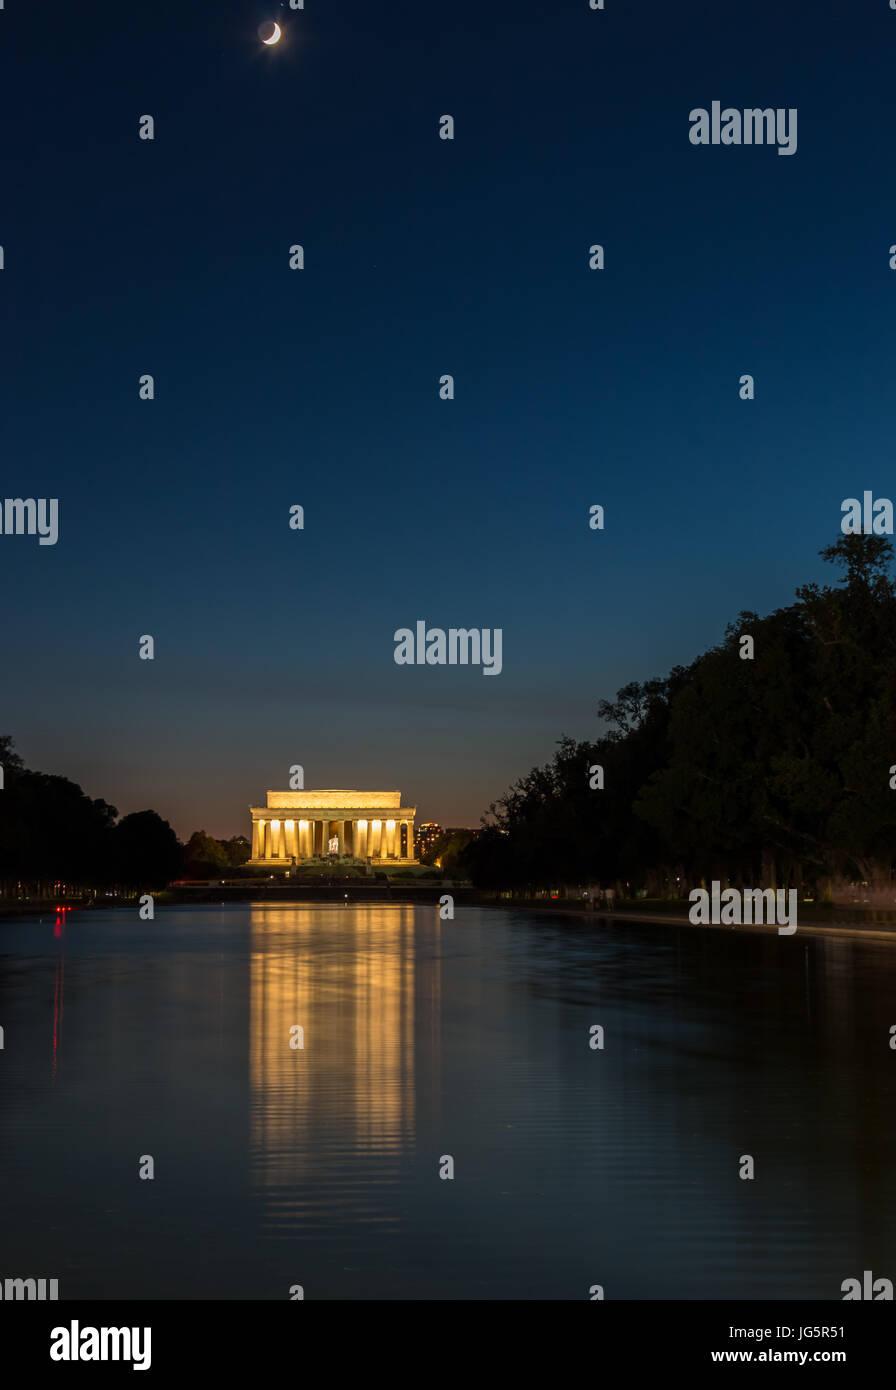 Lincoln Memorial riflettendo sulla piscina con Luna in alto nel cielo Immagini Stock